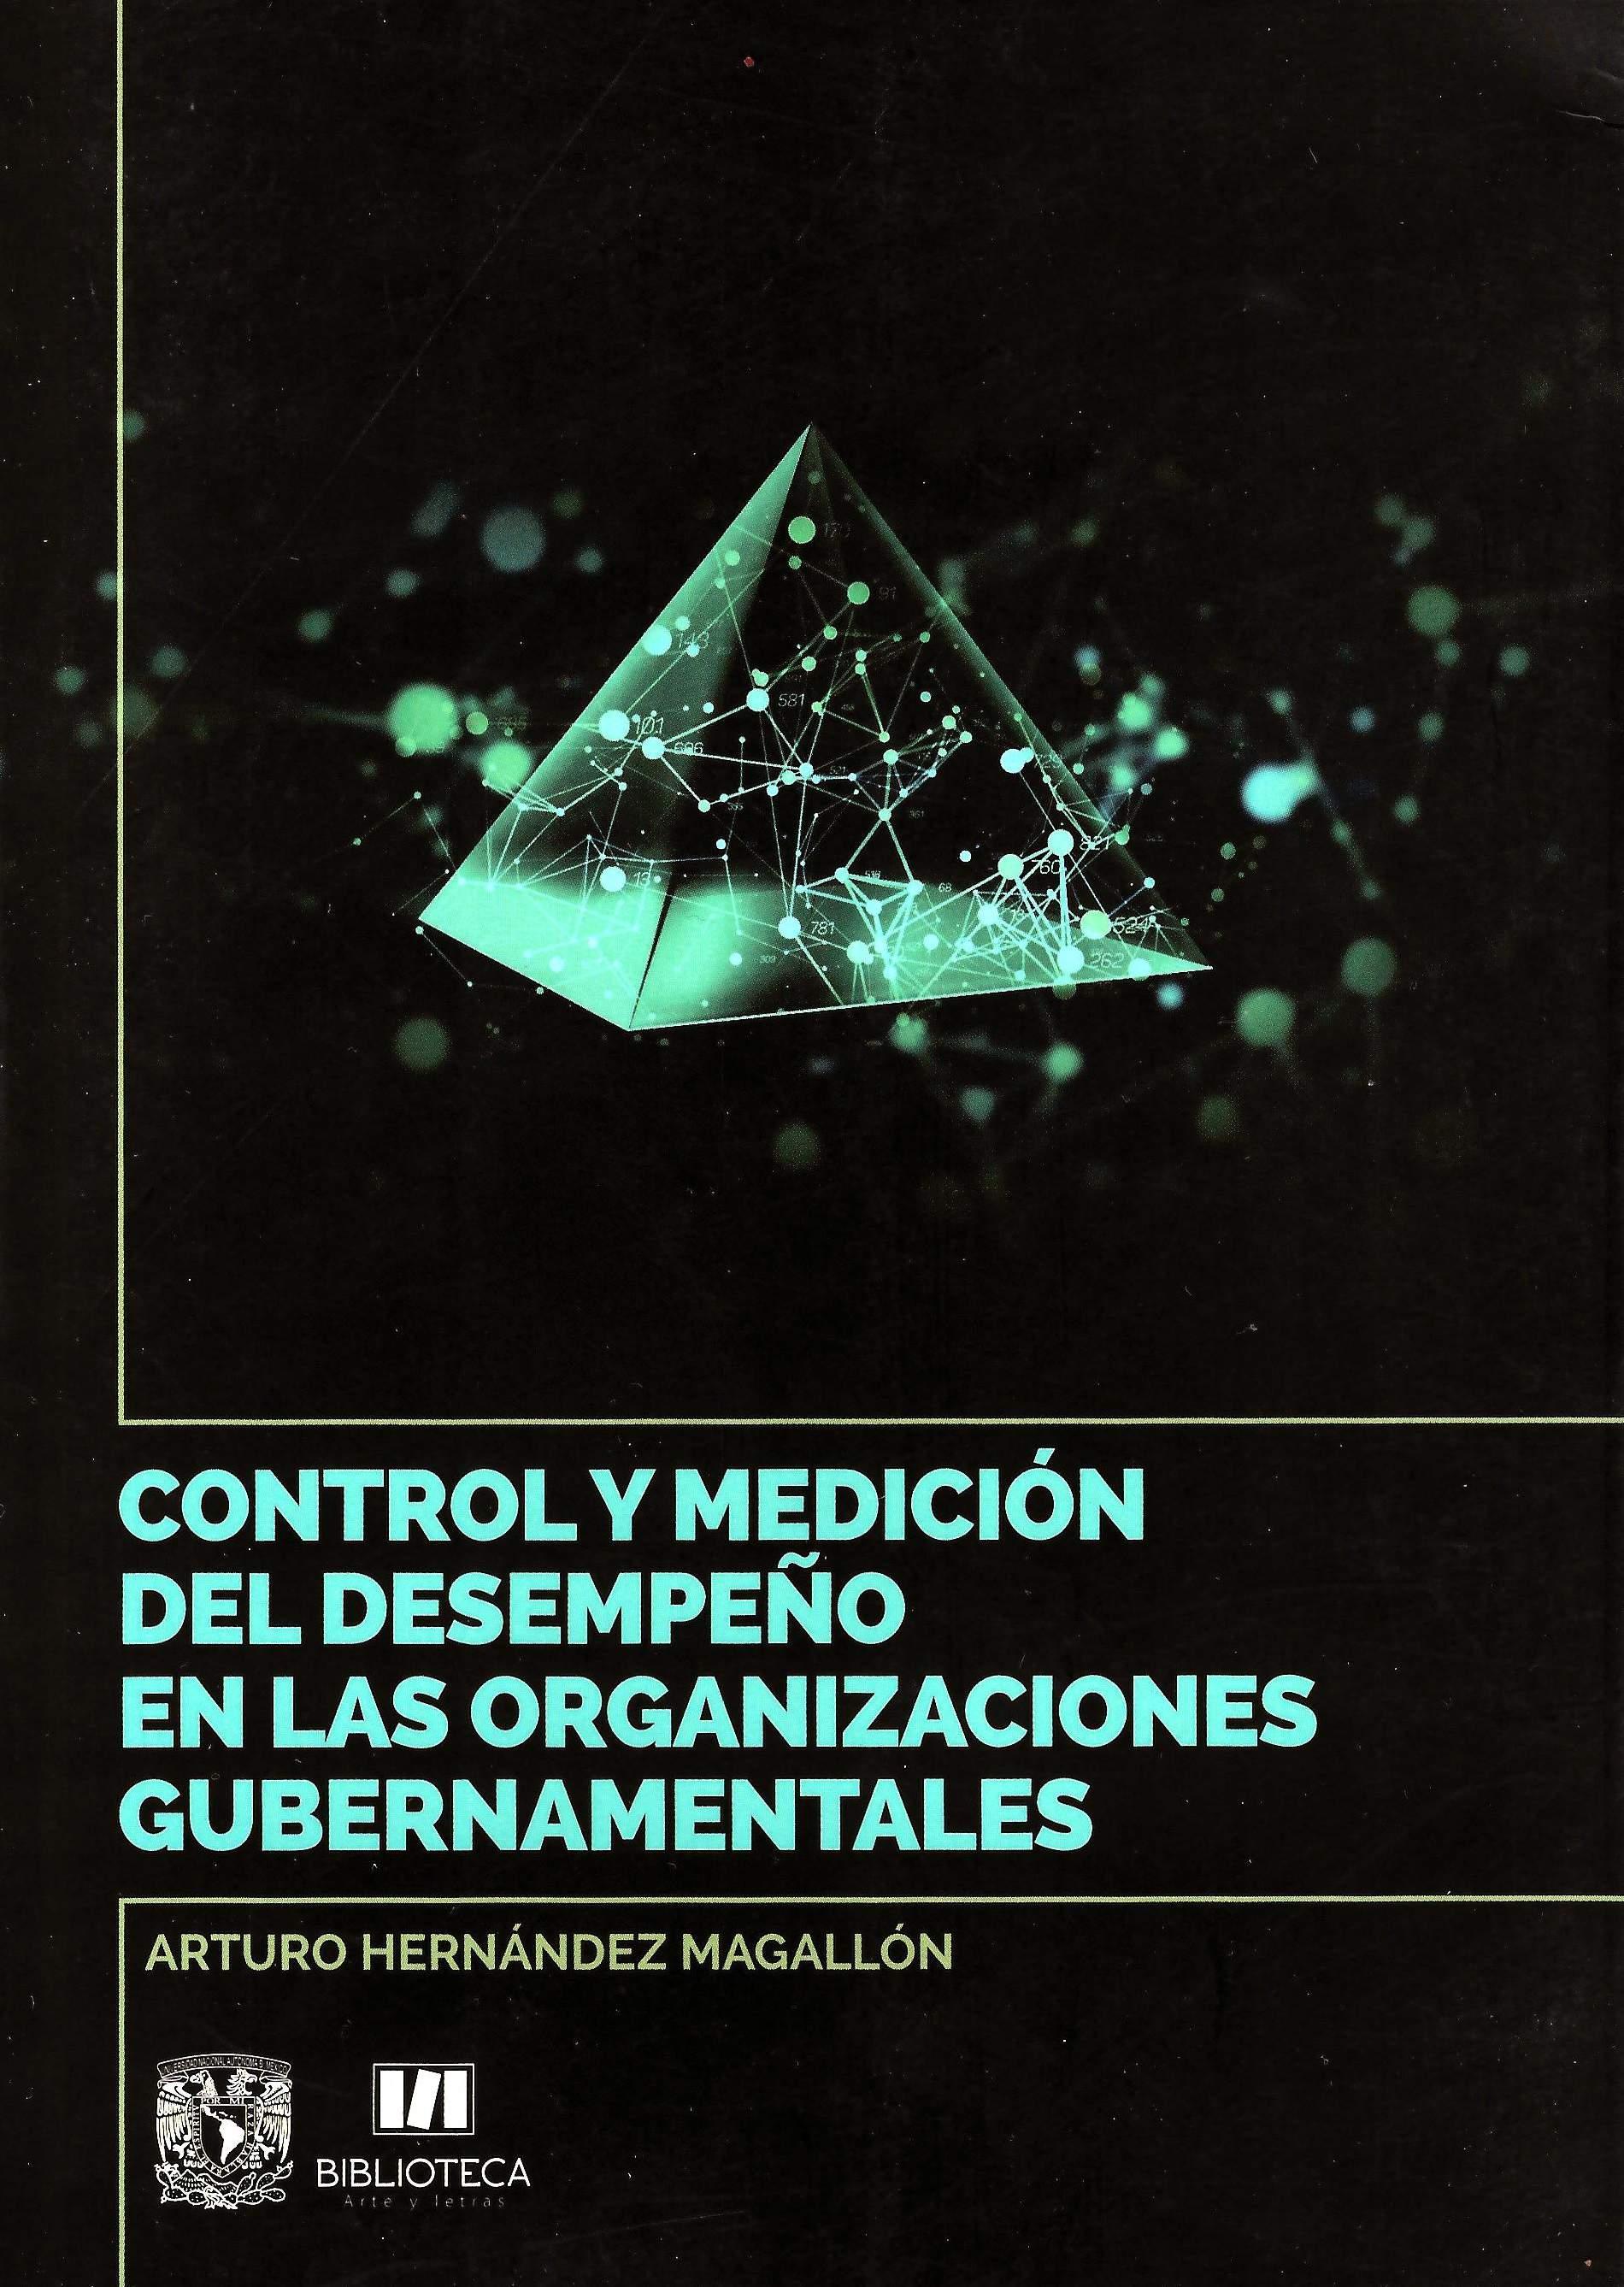 Control y medición del desempeño en las organizaciones gubernamentales